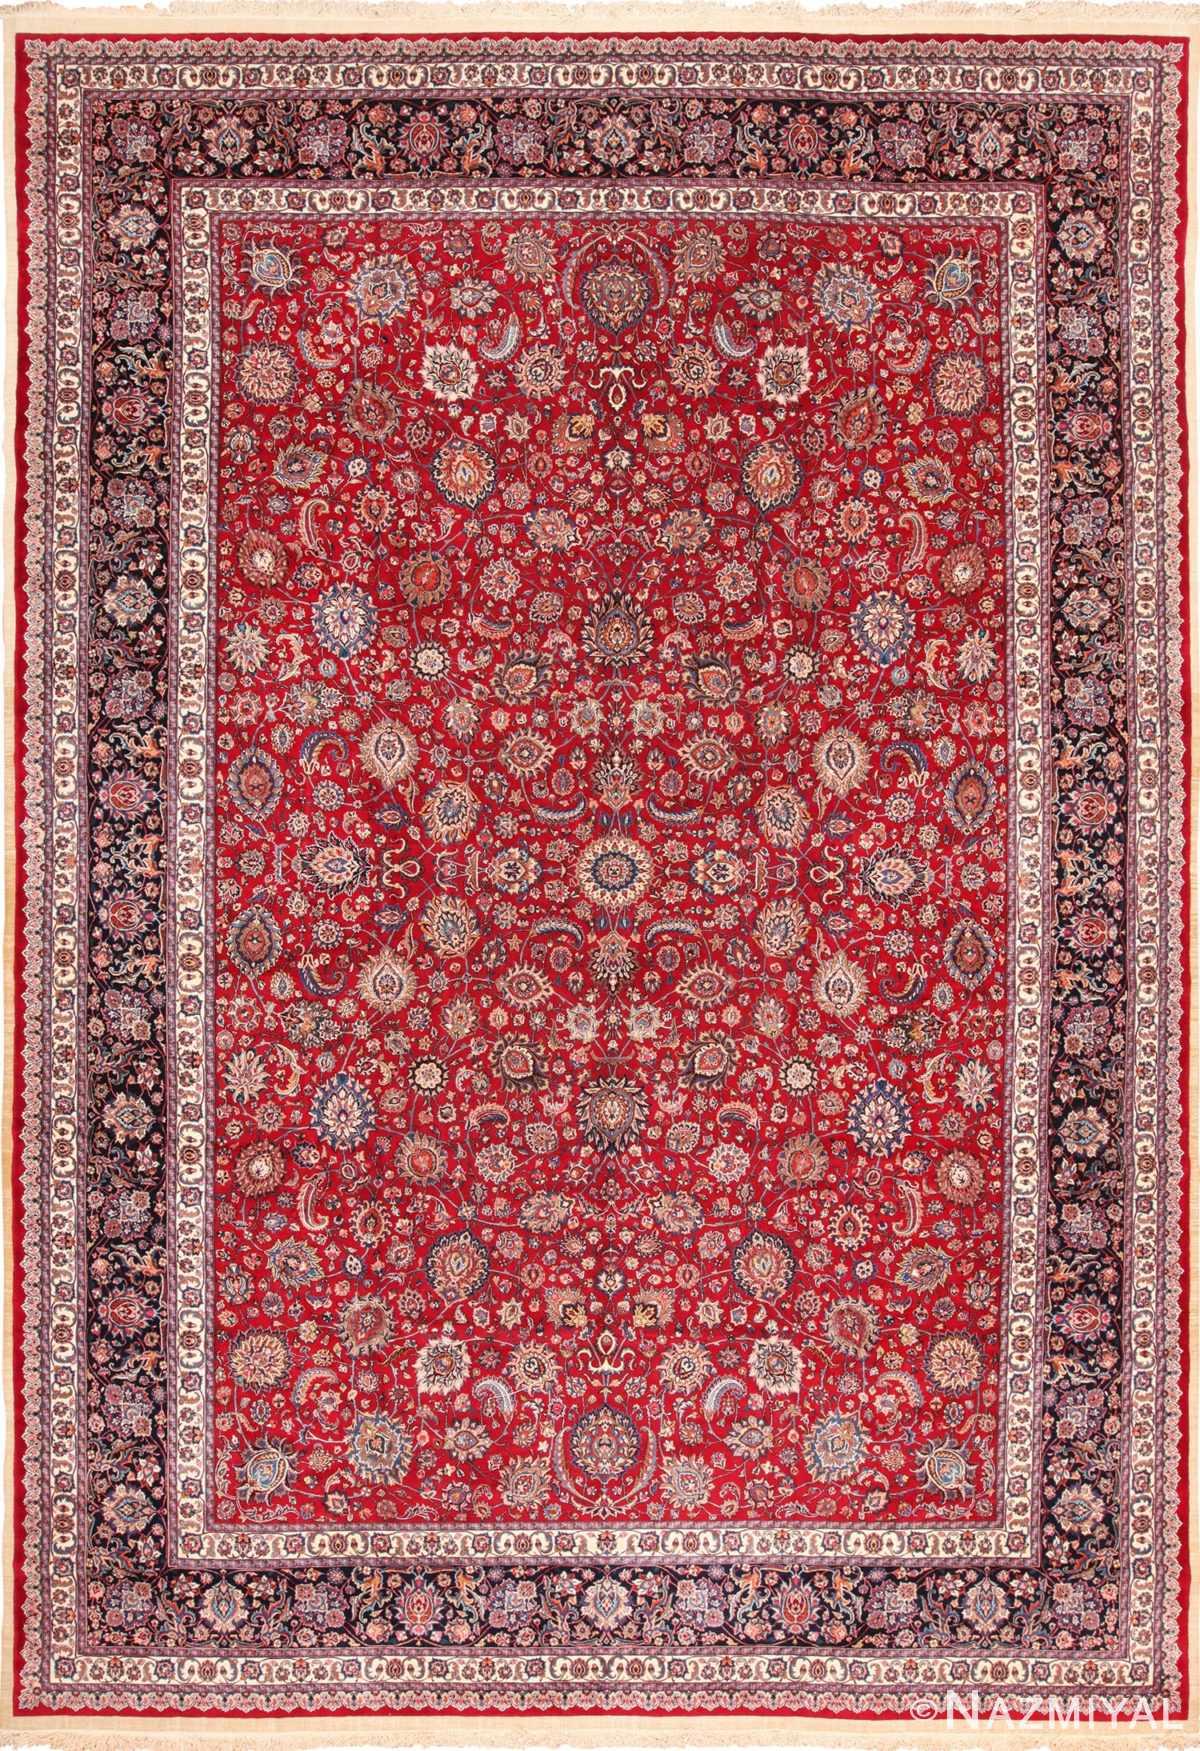 Large Silk and Wool Vintage Persian Khorassan Rug 60036 by Nazmiyal